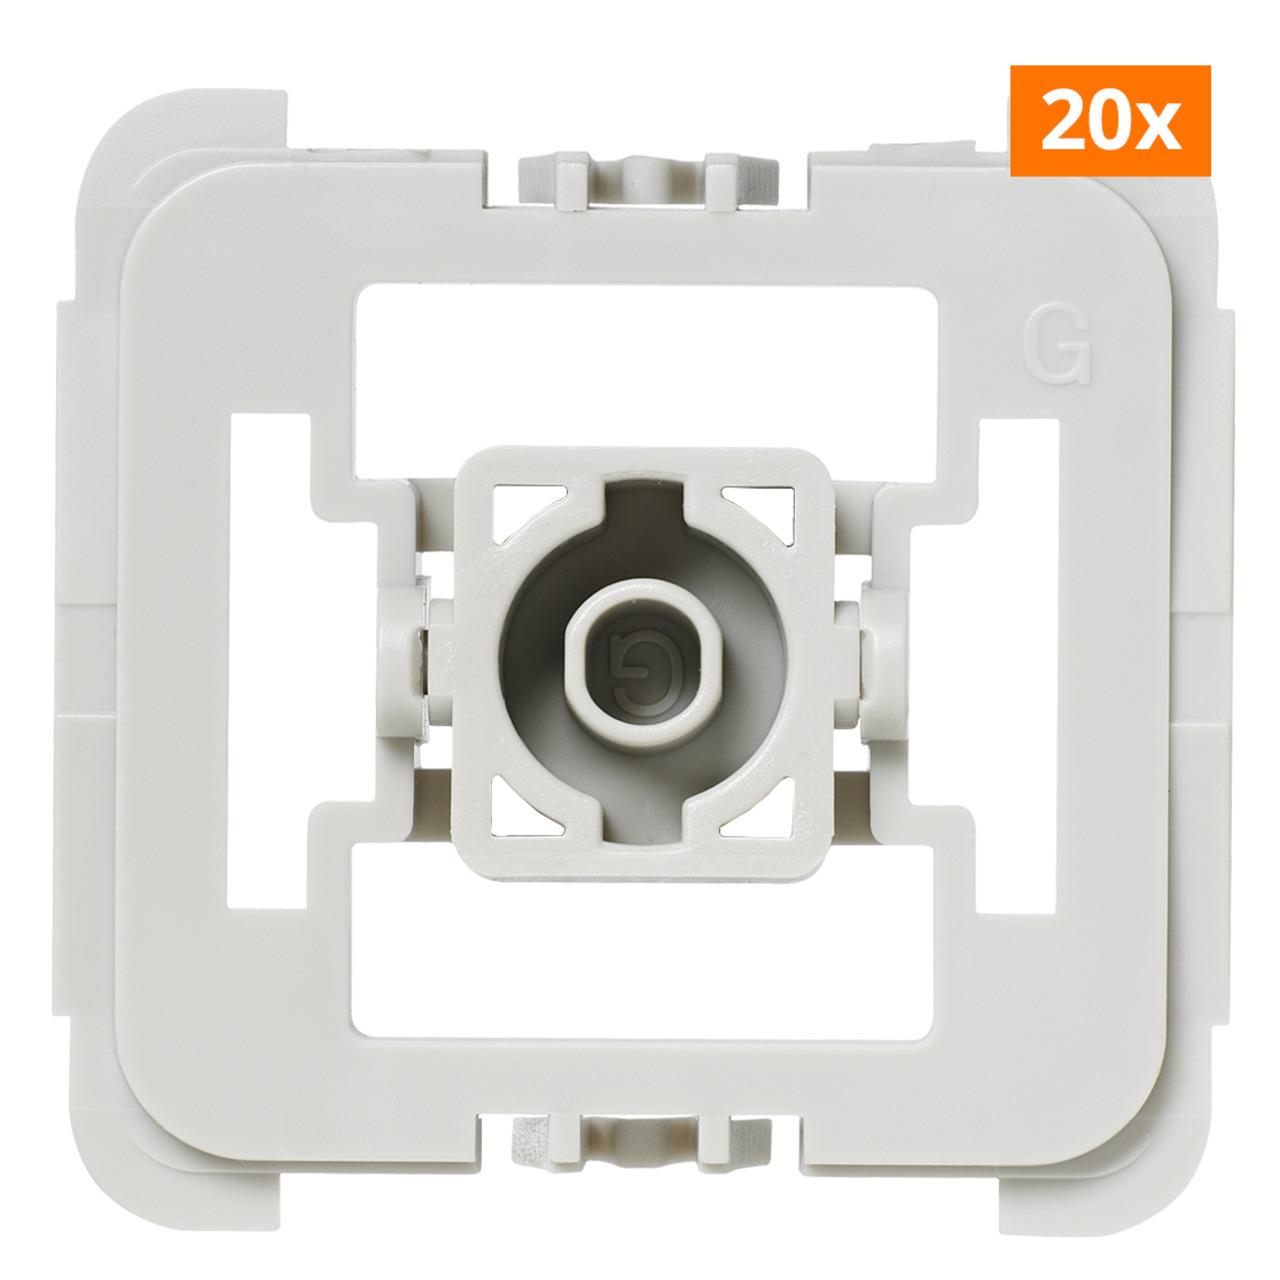 Installationsadapter für Schalter Gira 55- 20er-Set für Smart Home - Hausautomation